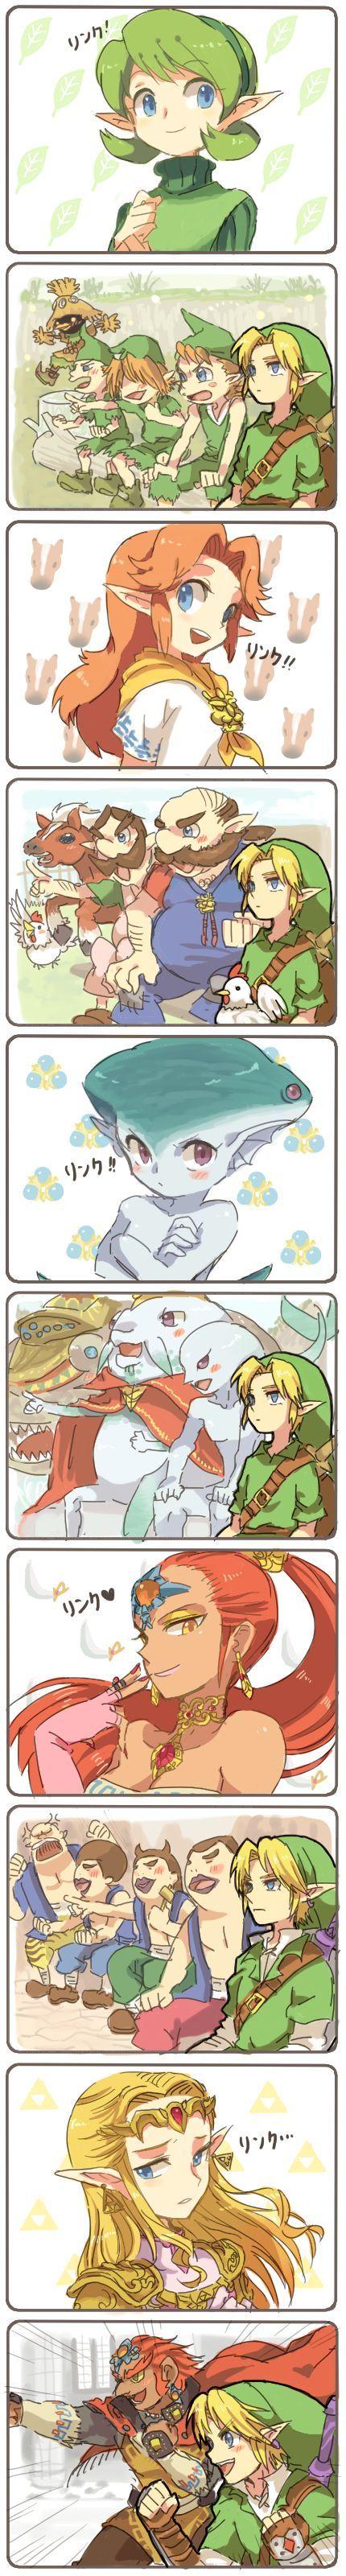 Link x Zelda